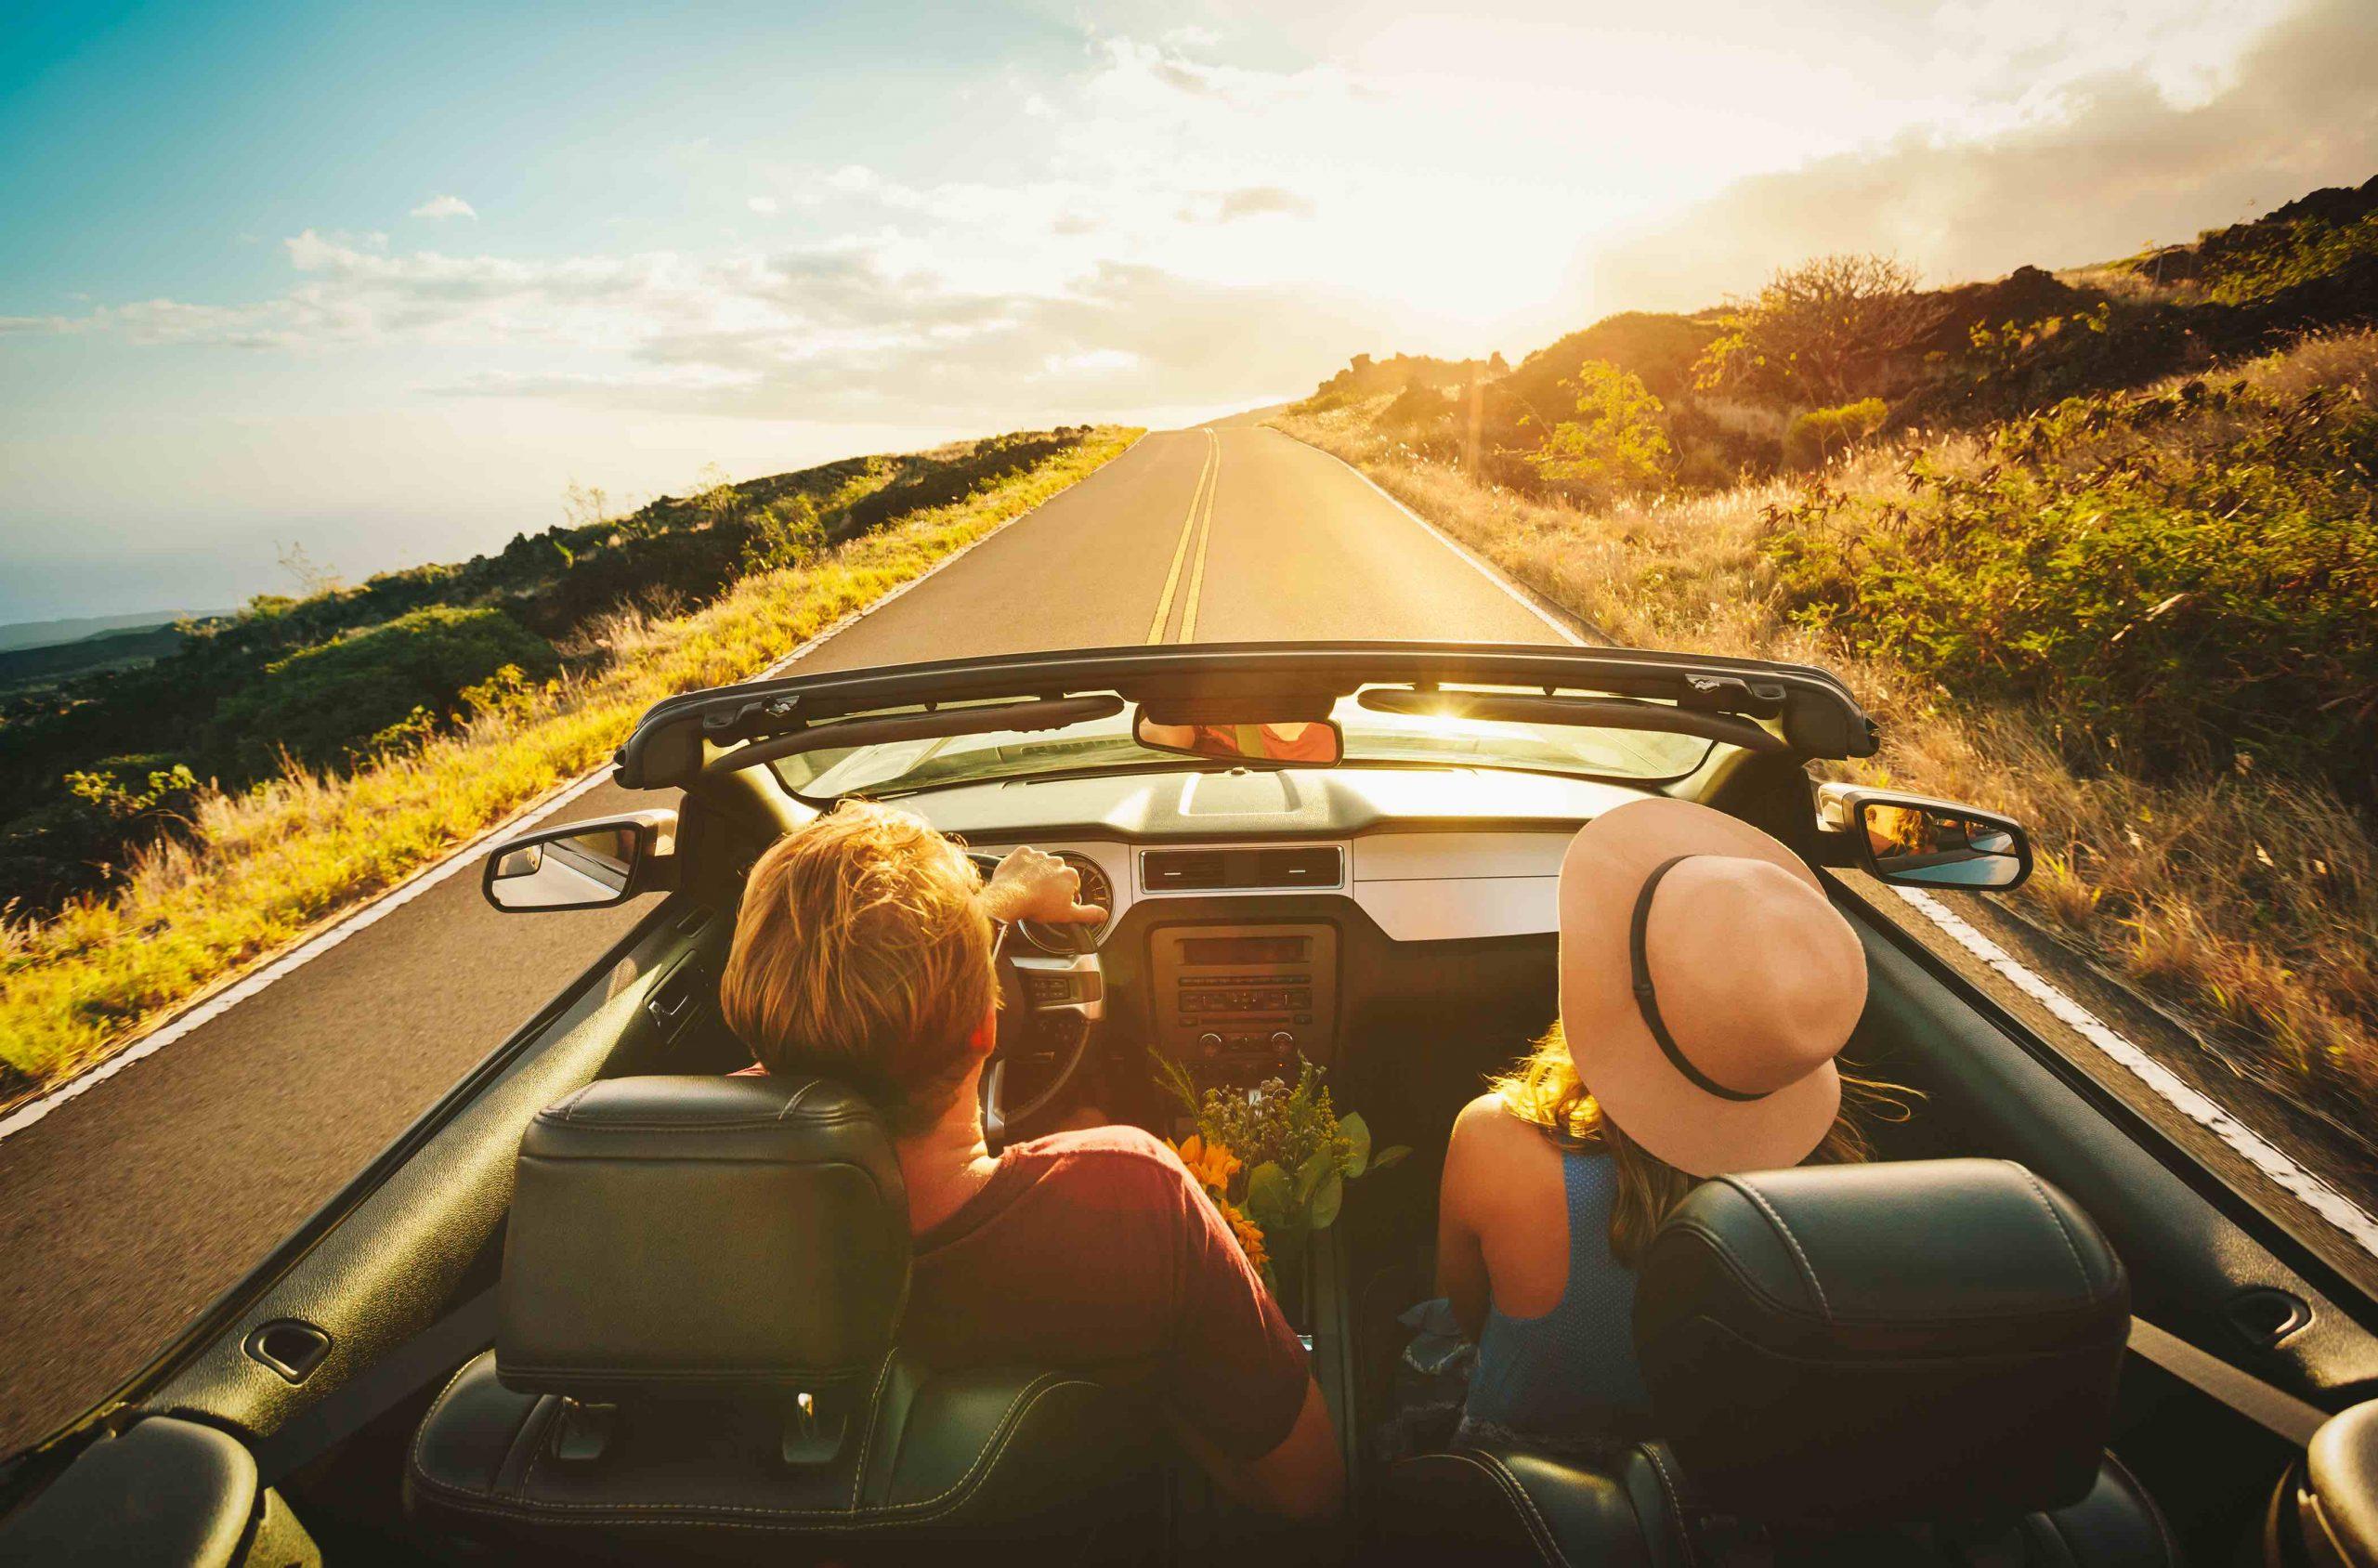 amigos en viaje por carretera